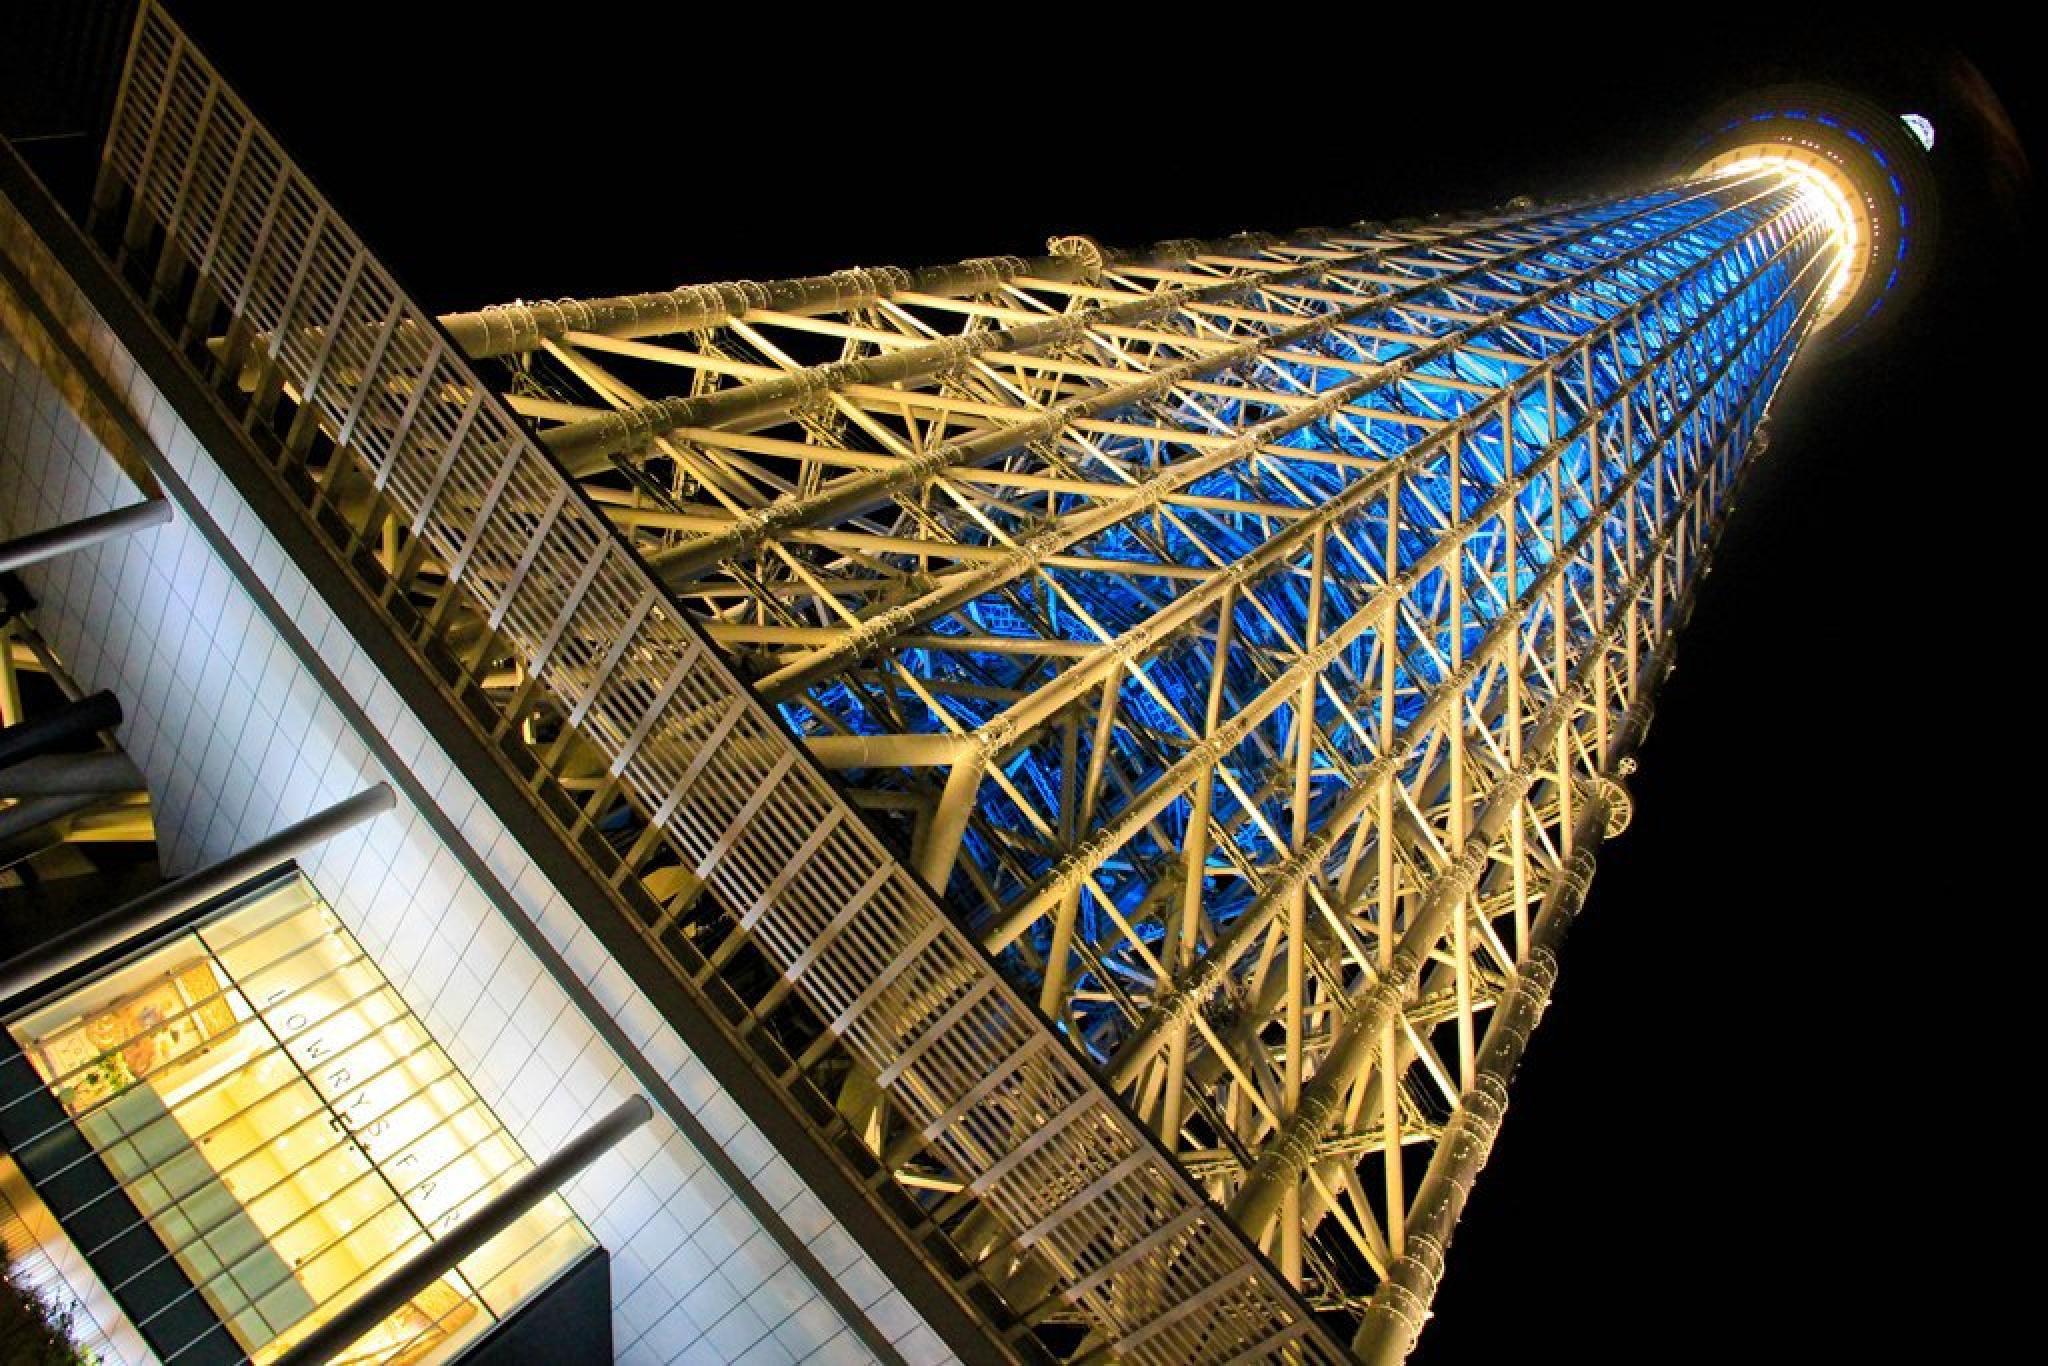 Skytree by Pēteris Vaivars